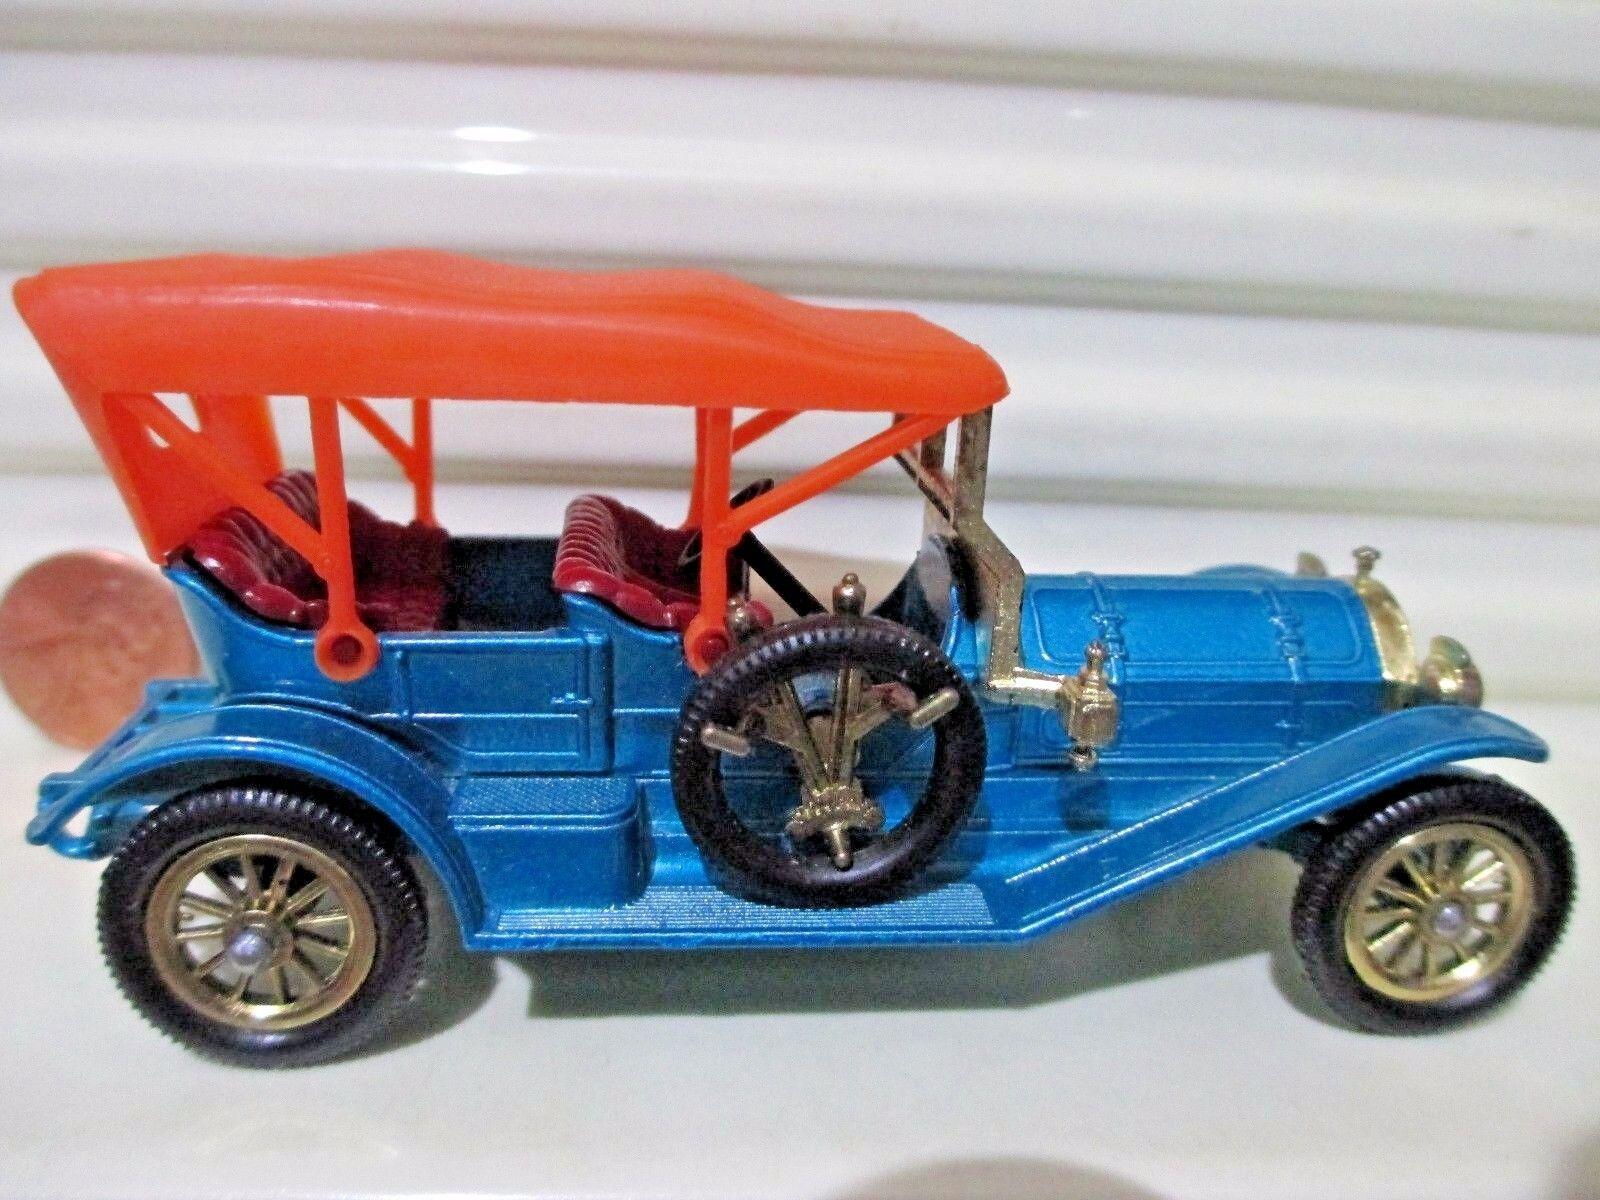 Matchbox - modelle von vorgestern 1967 y12b blaue 1909 thomas flyabout Orange dach nu